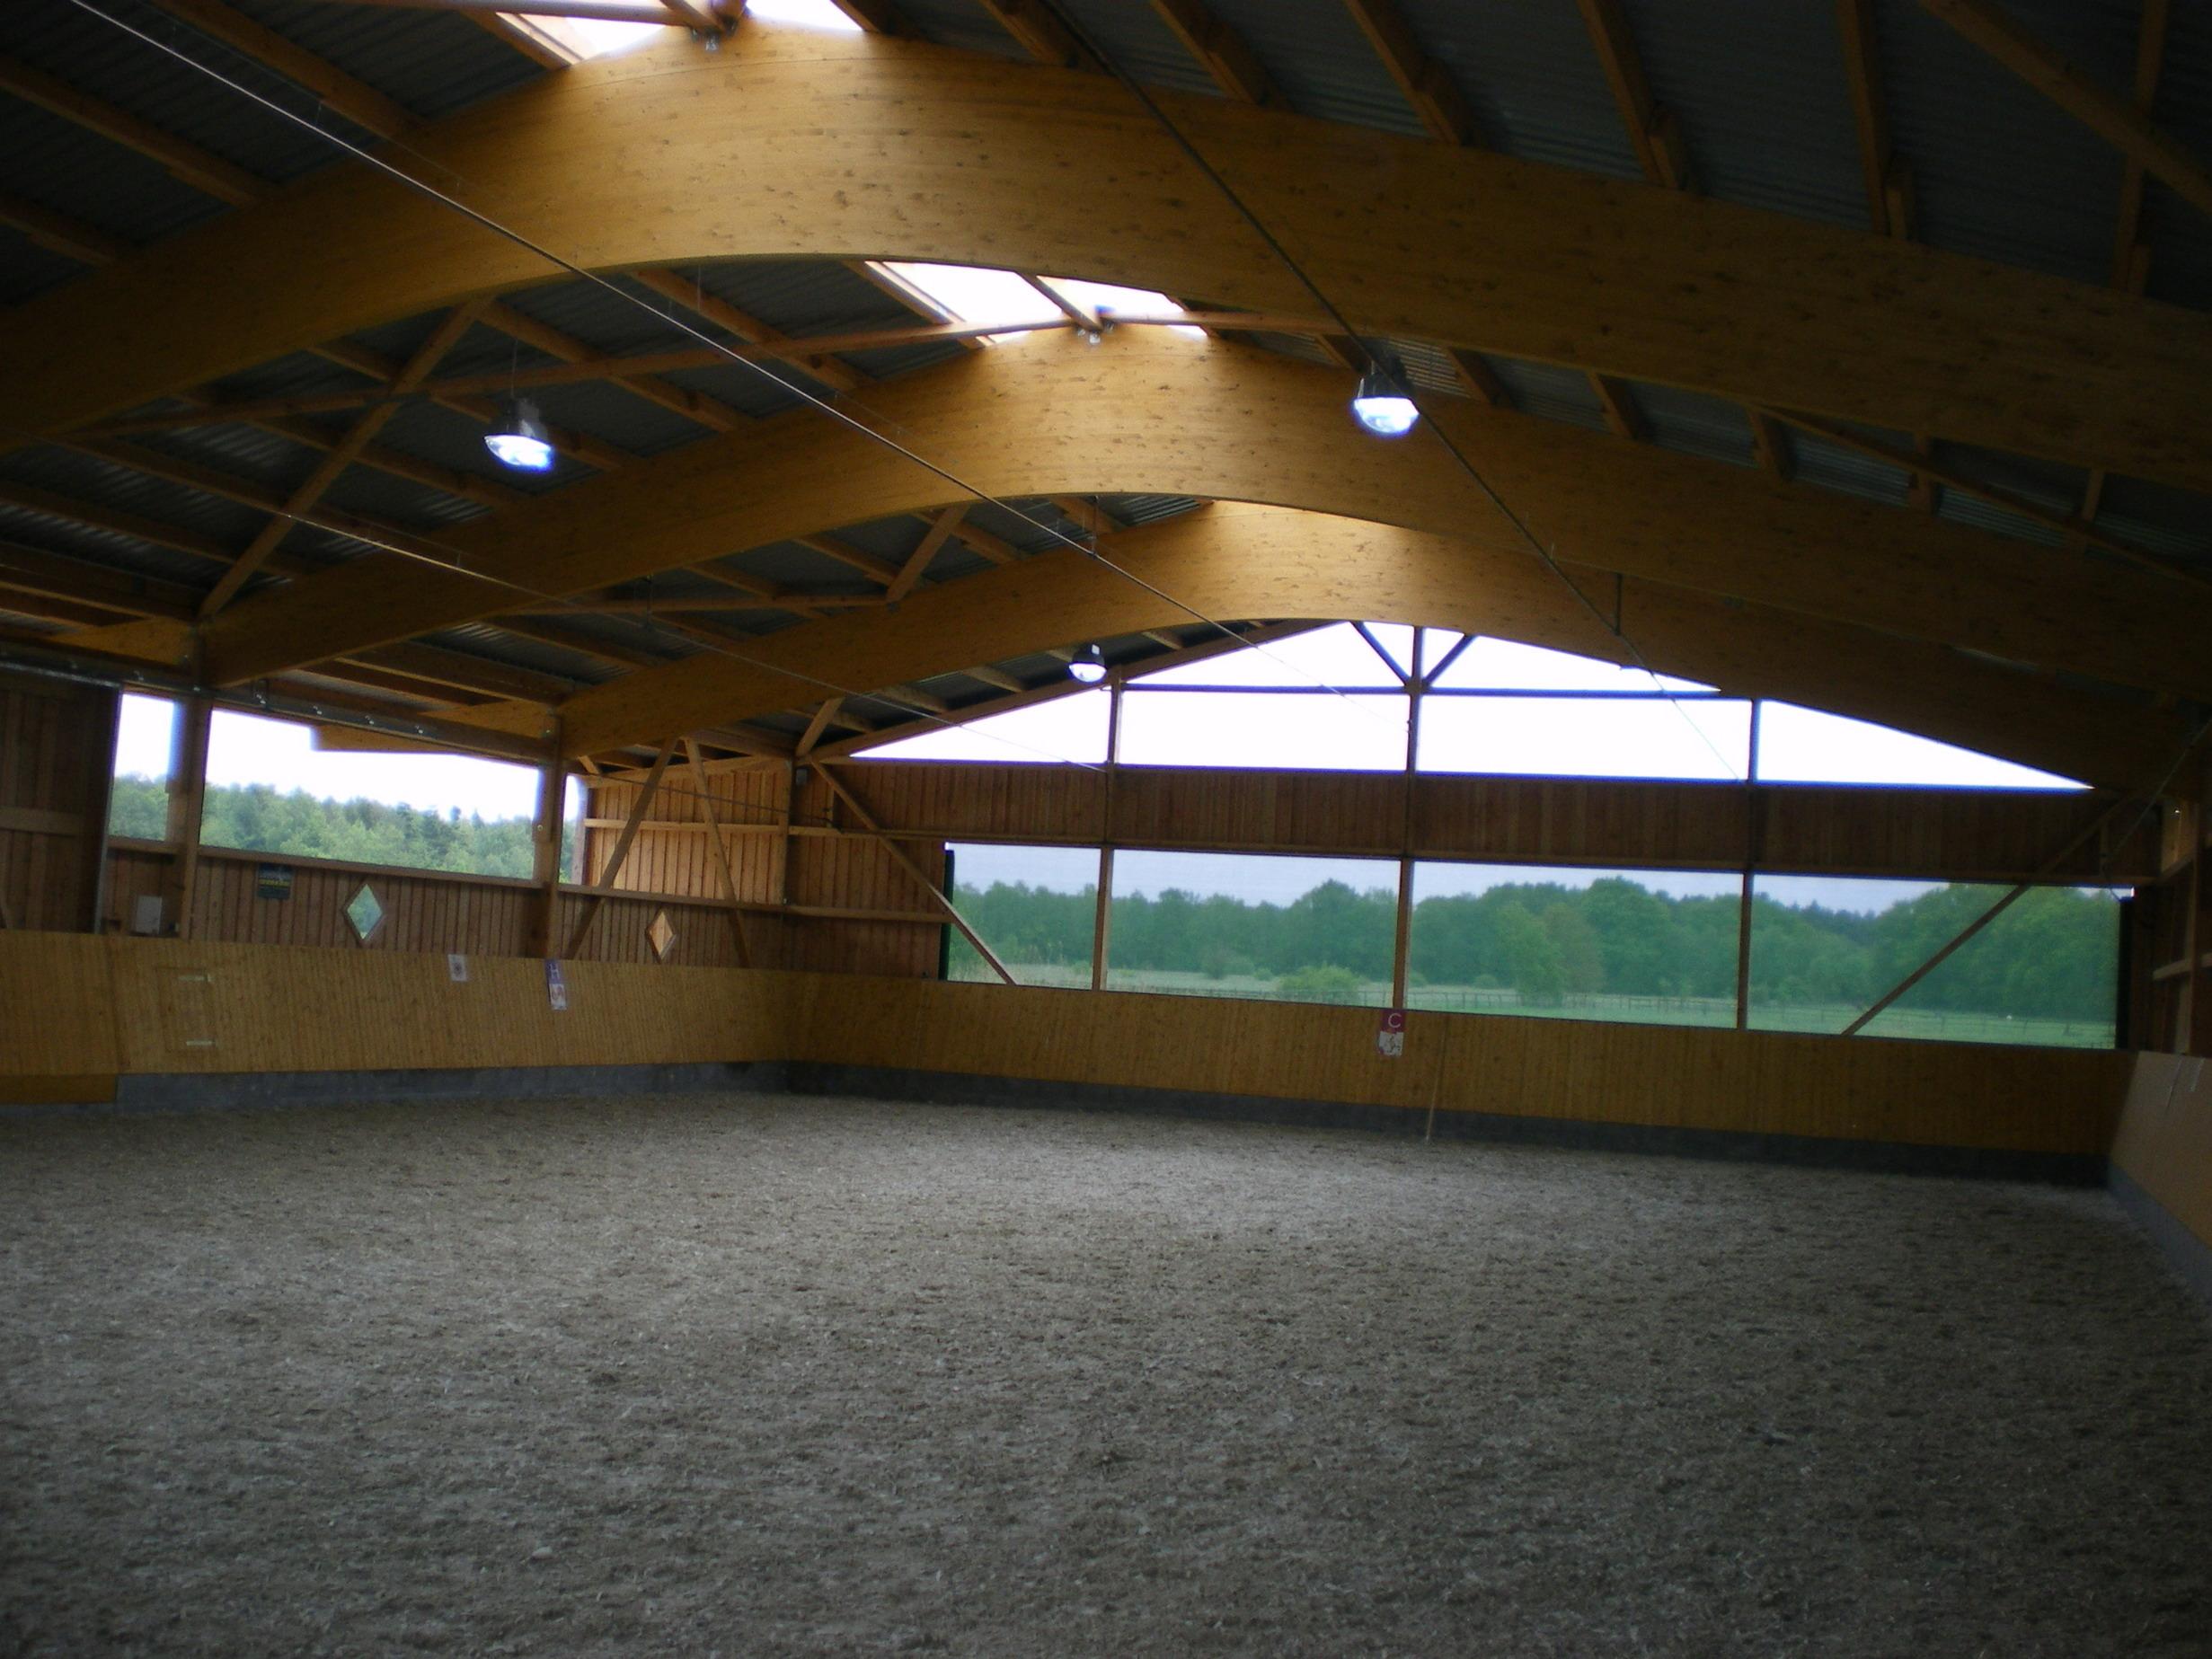 Satteldachbinder Reithalle Reitanlage Pferdestall BSH-Dachkonstruktion